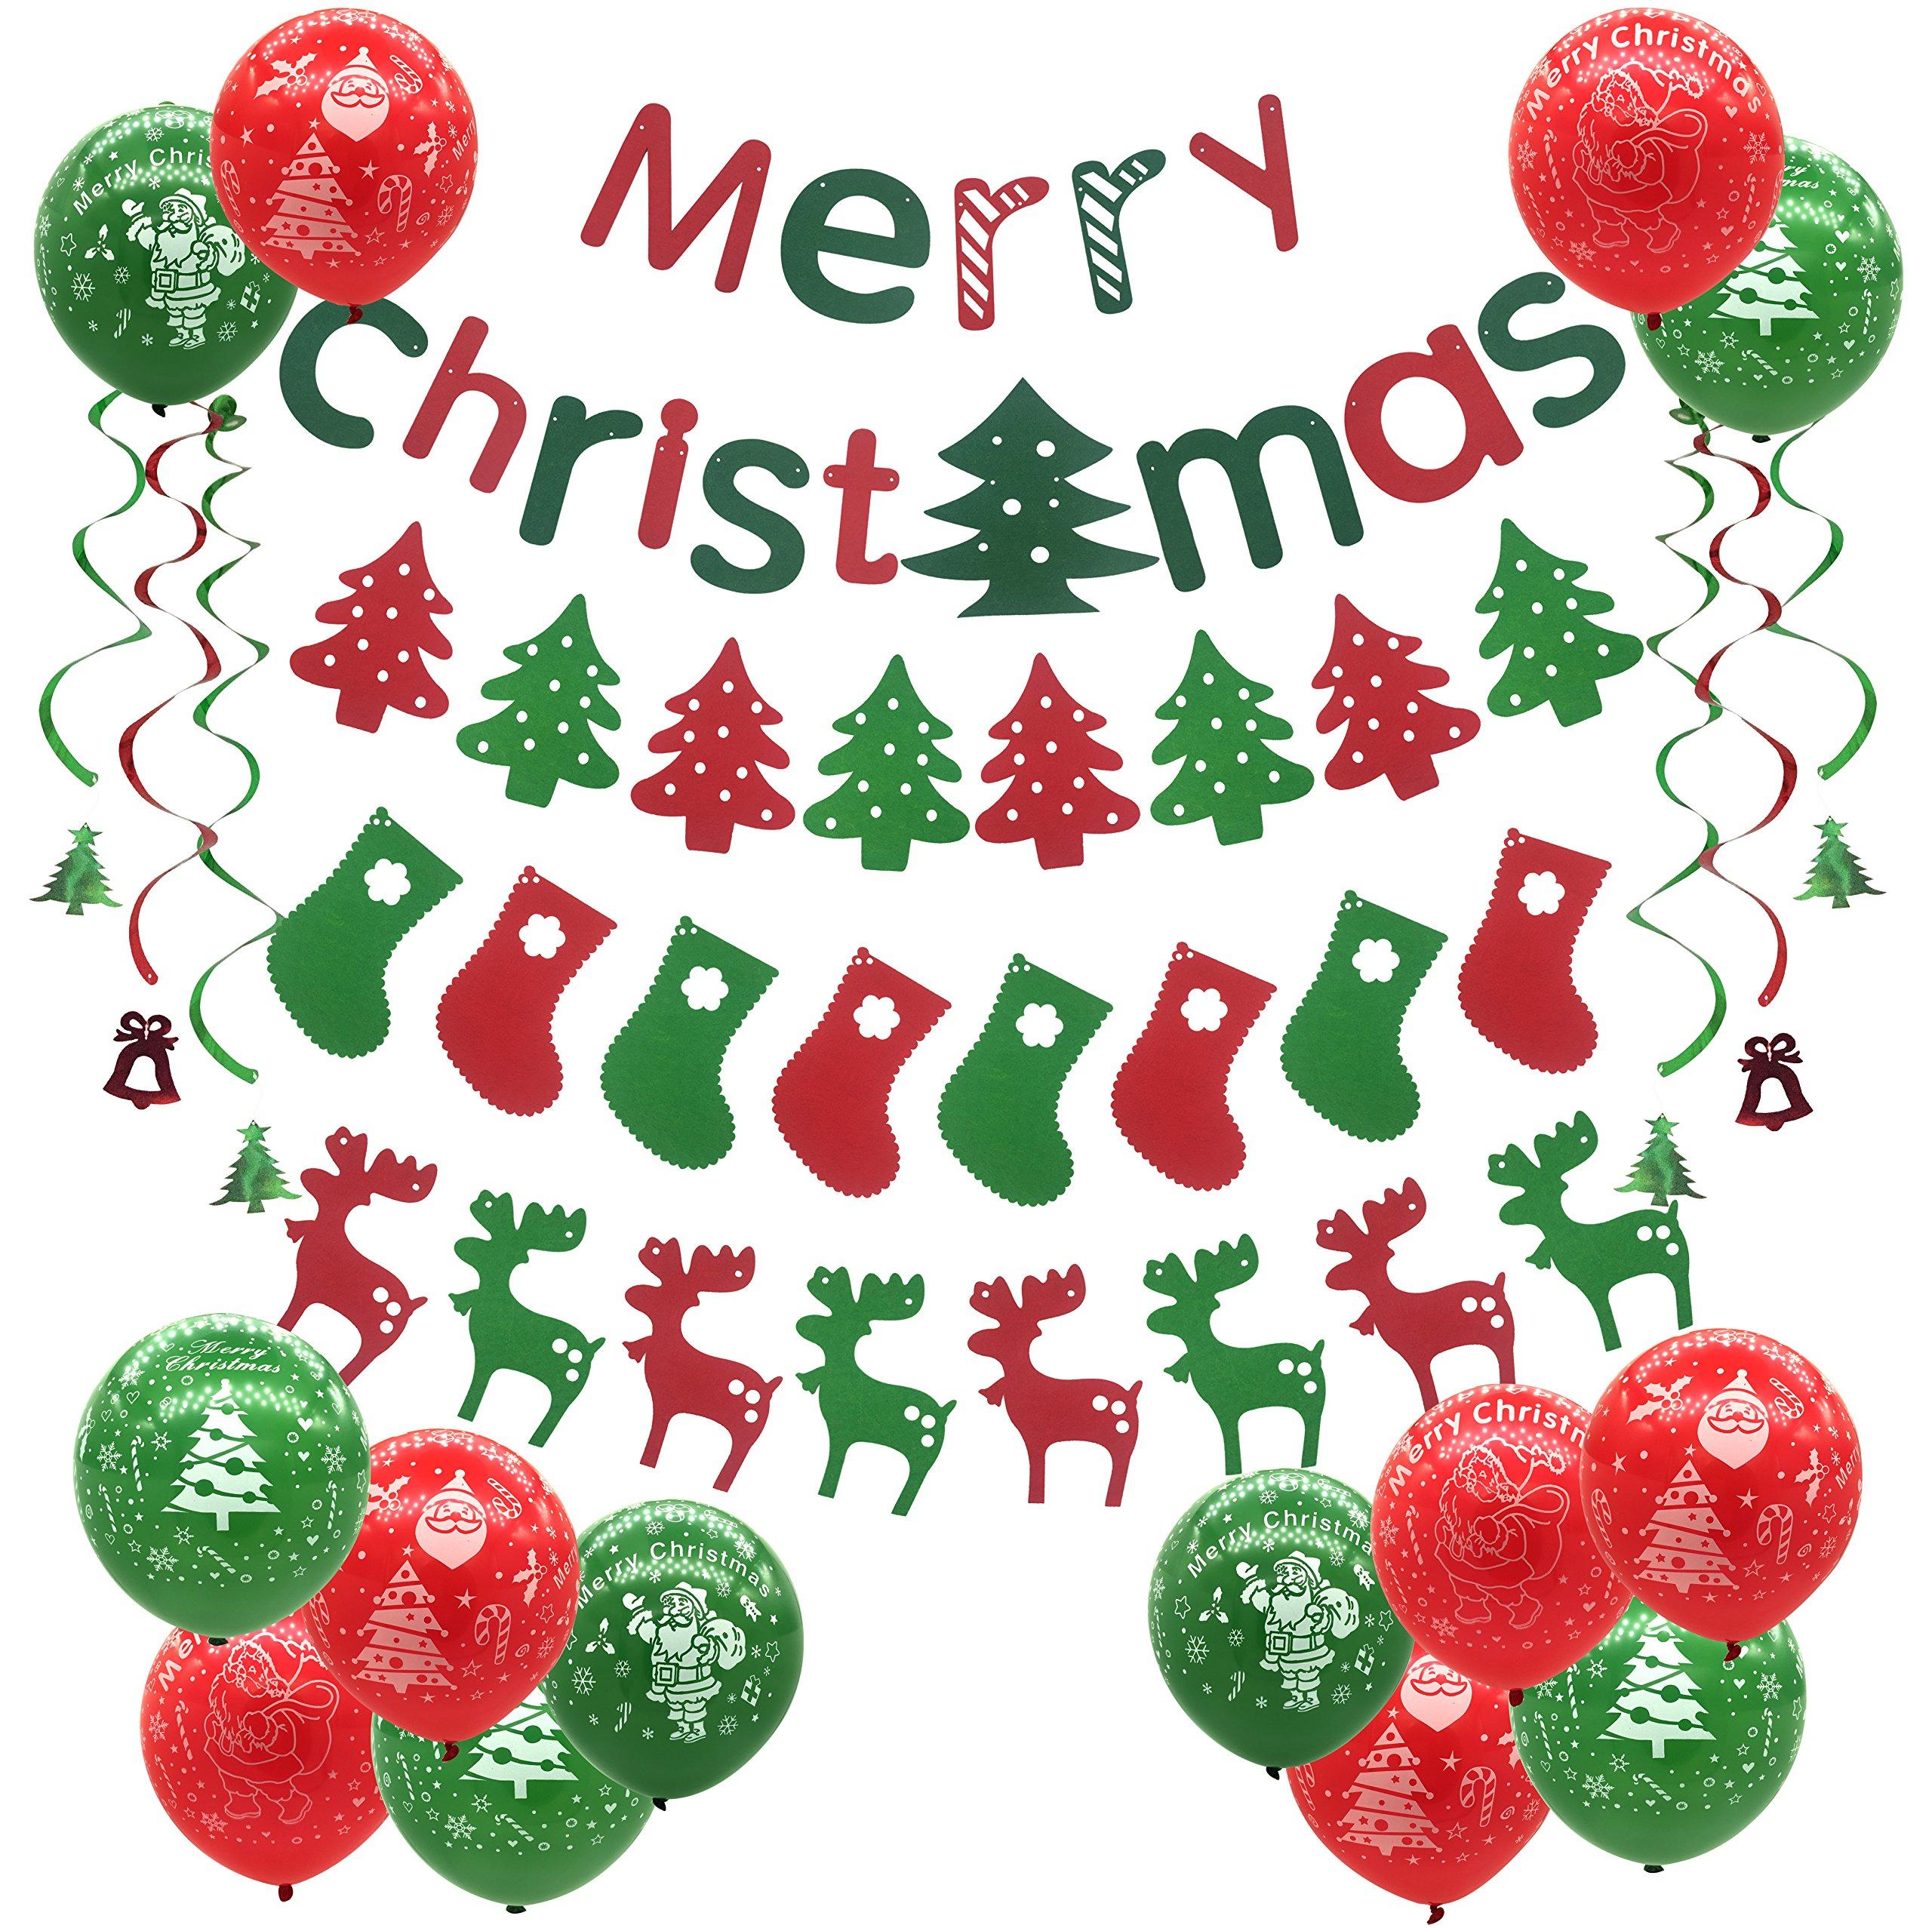 Decoración de la fiesta de Navidad, Árboles de Navidad Calcetines Alces Globos Feliz Navidad Banner Bunting para Supermercado, Tienda, Empresa, Decoración del hogar, Vacaciones, Año Nuevo Decoración d